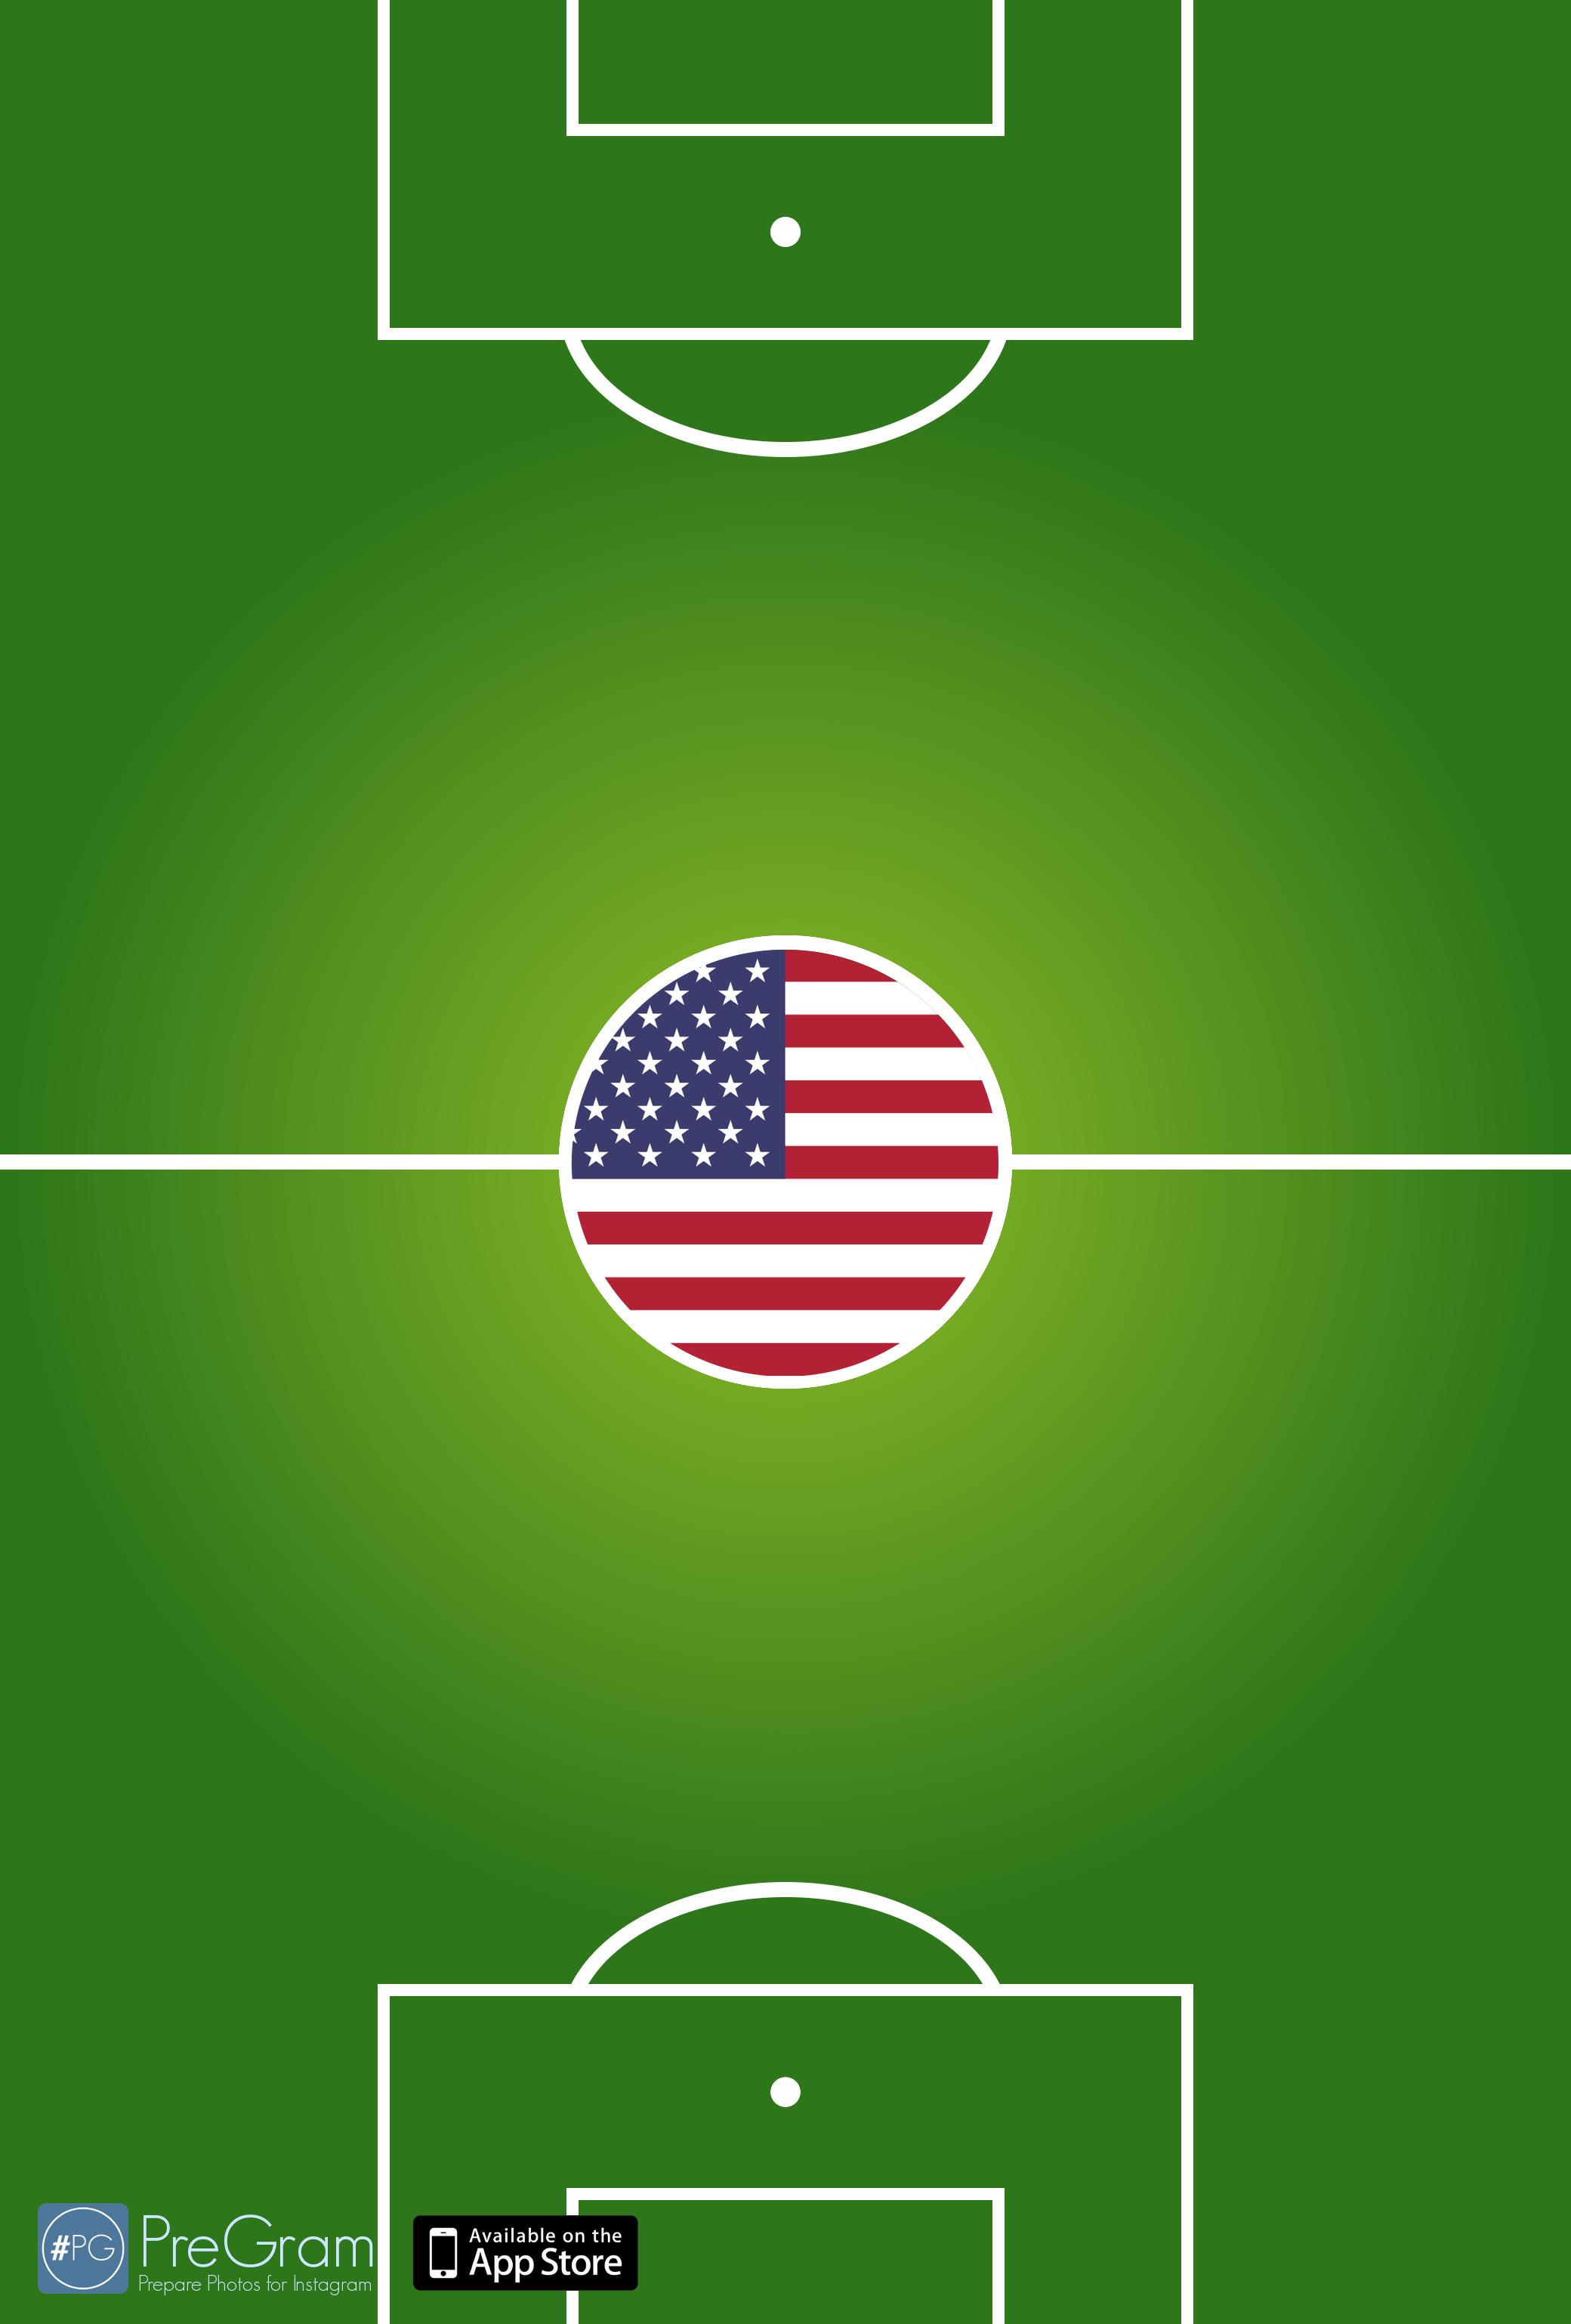 Fifa Football Soccer World Cup Brazil iPhone Wallpaper 2080x3076